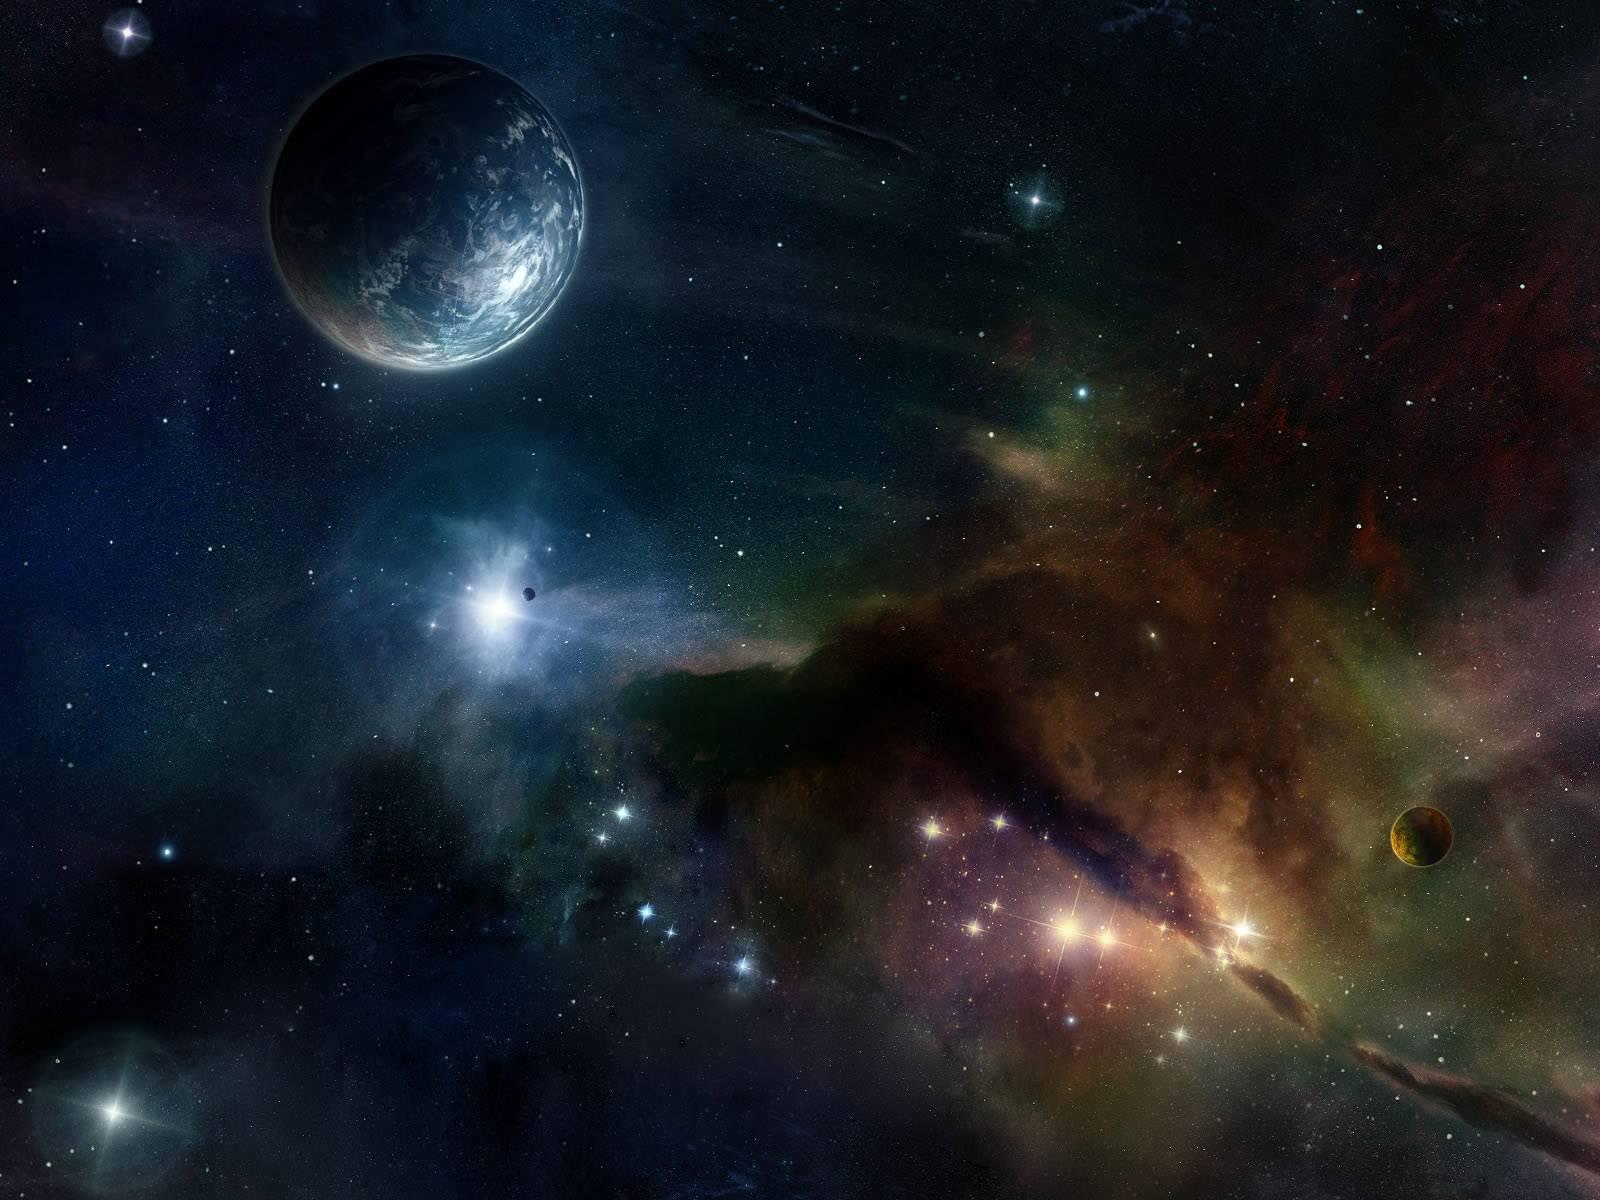 Картинки с надписью галактика